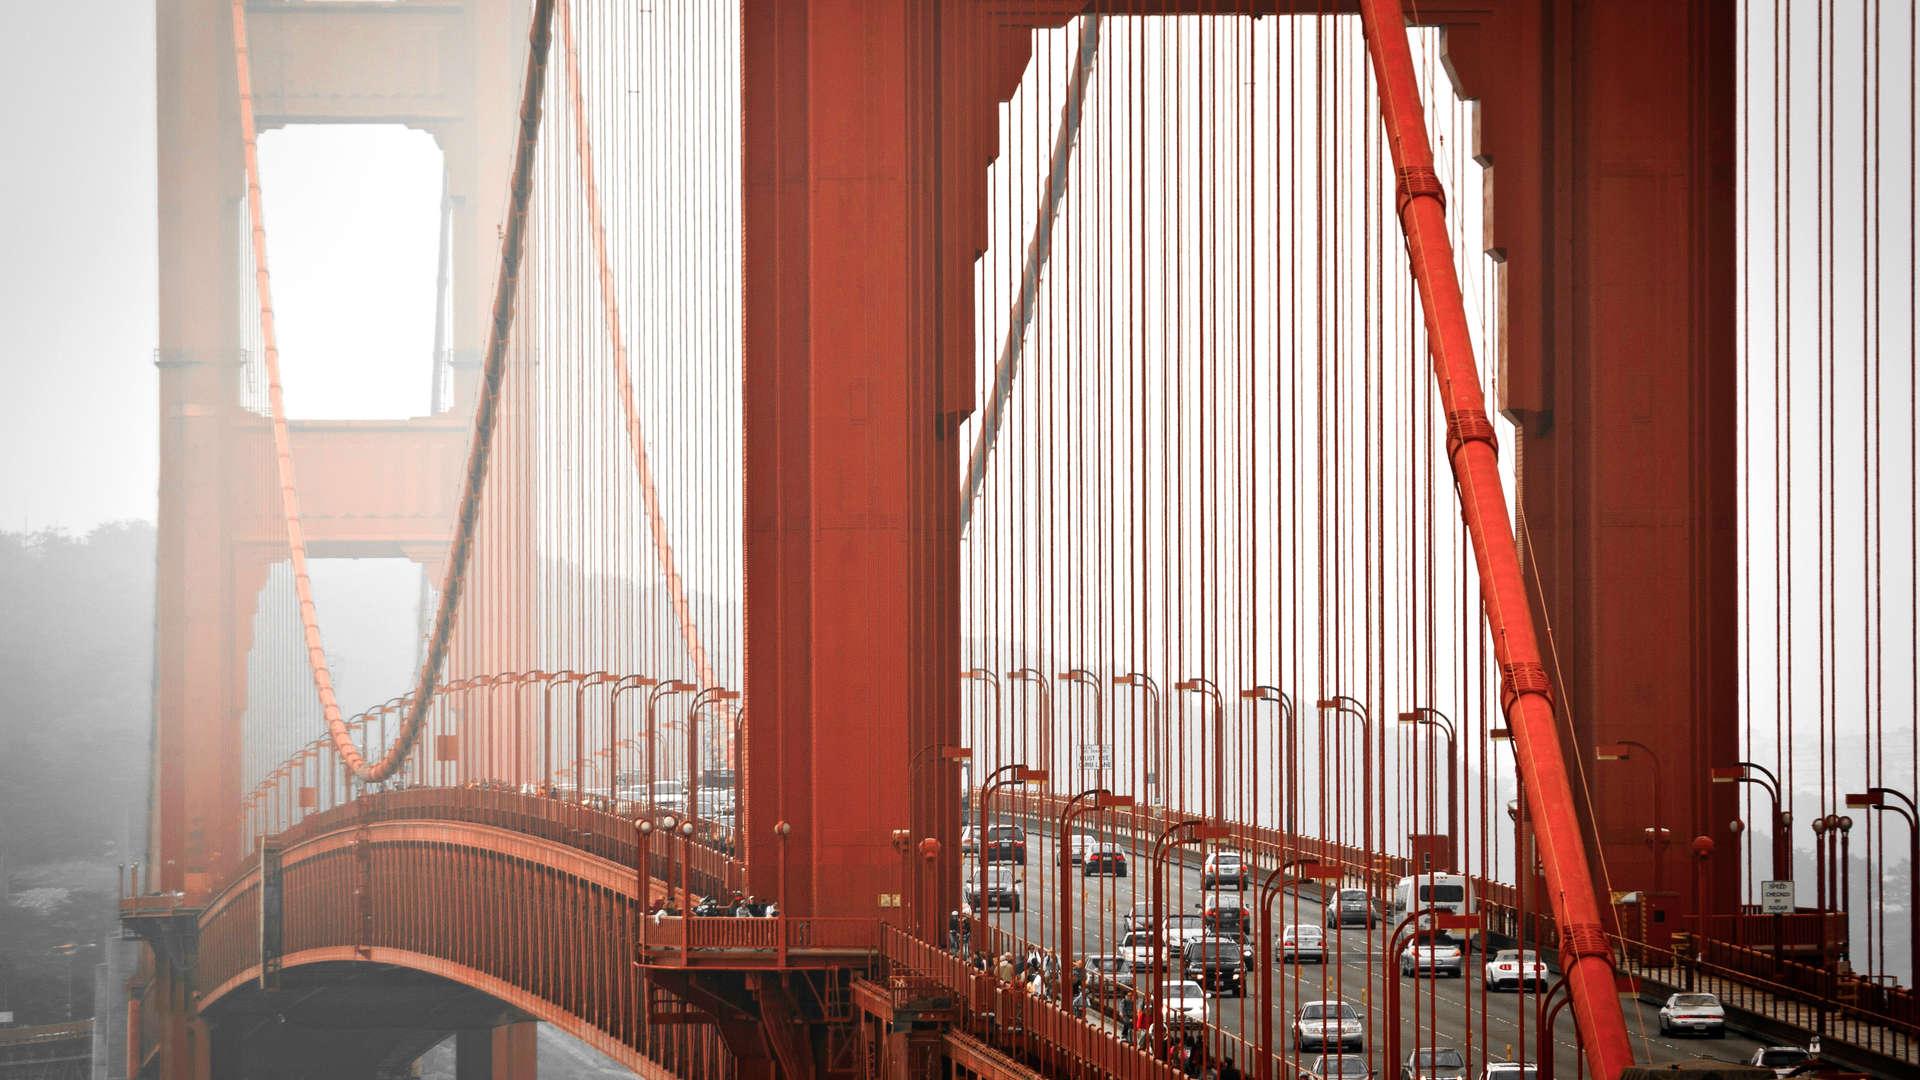 USA | San Francisco | ©Stefano Termanini/Shutterstock.com